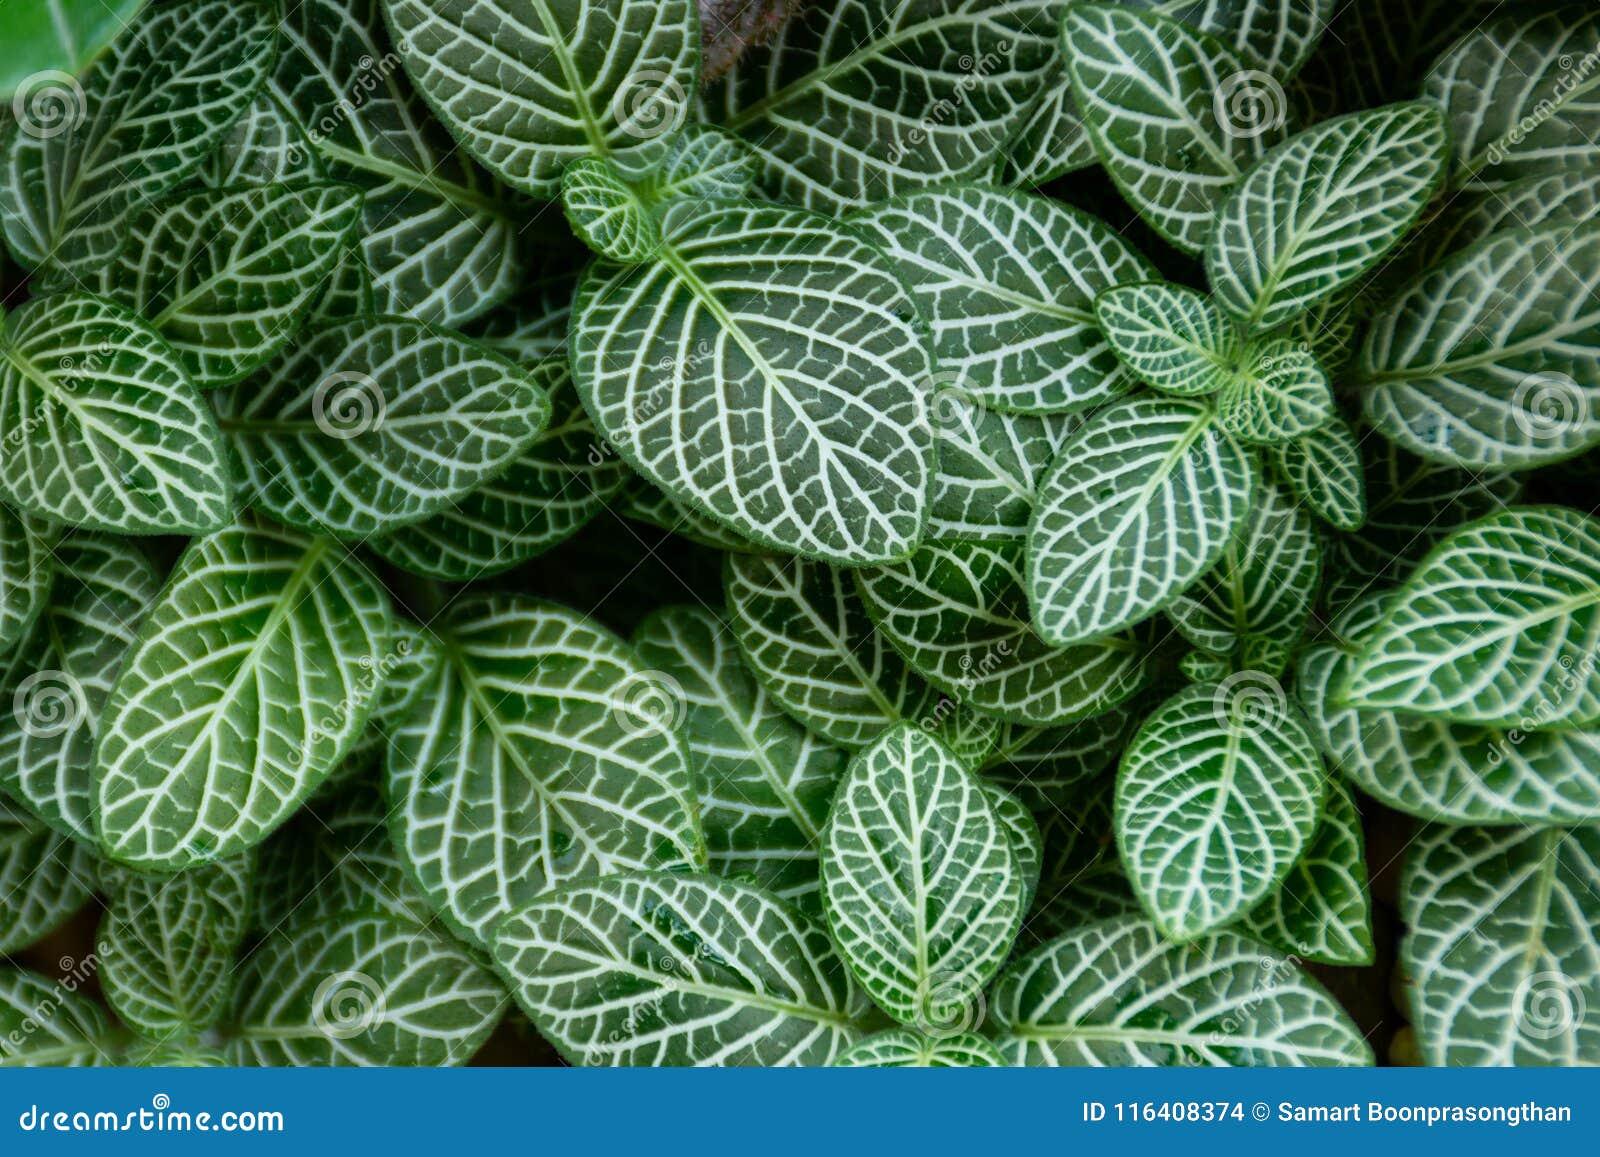 Randigt mörker - det gröna bladet, ser modeller klart